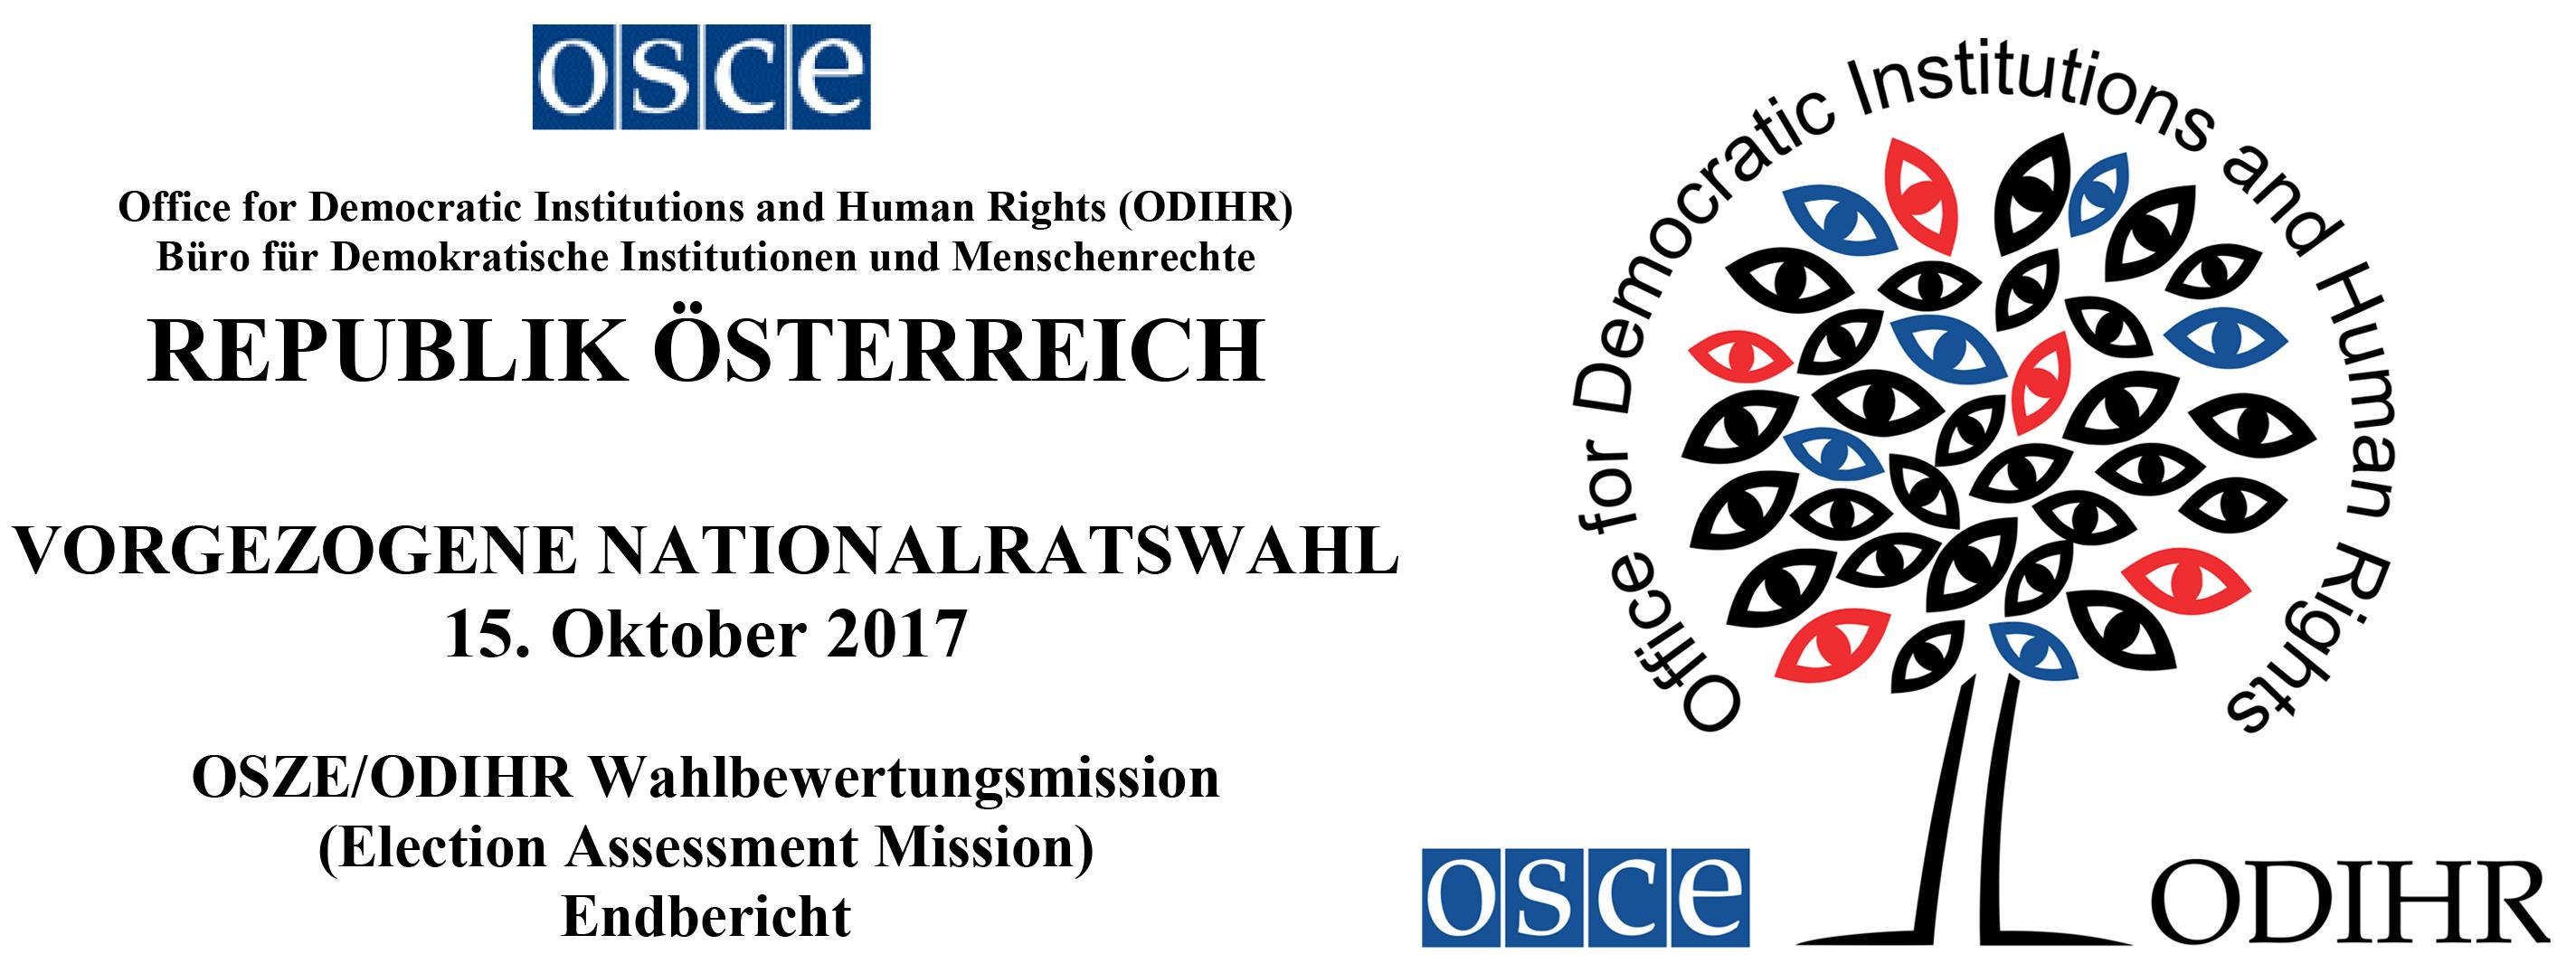 OSCE-Bericht zur Nationalratswahl 2017